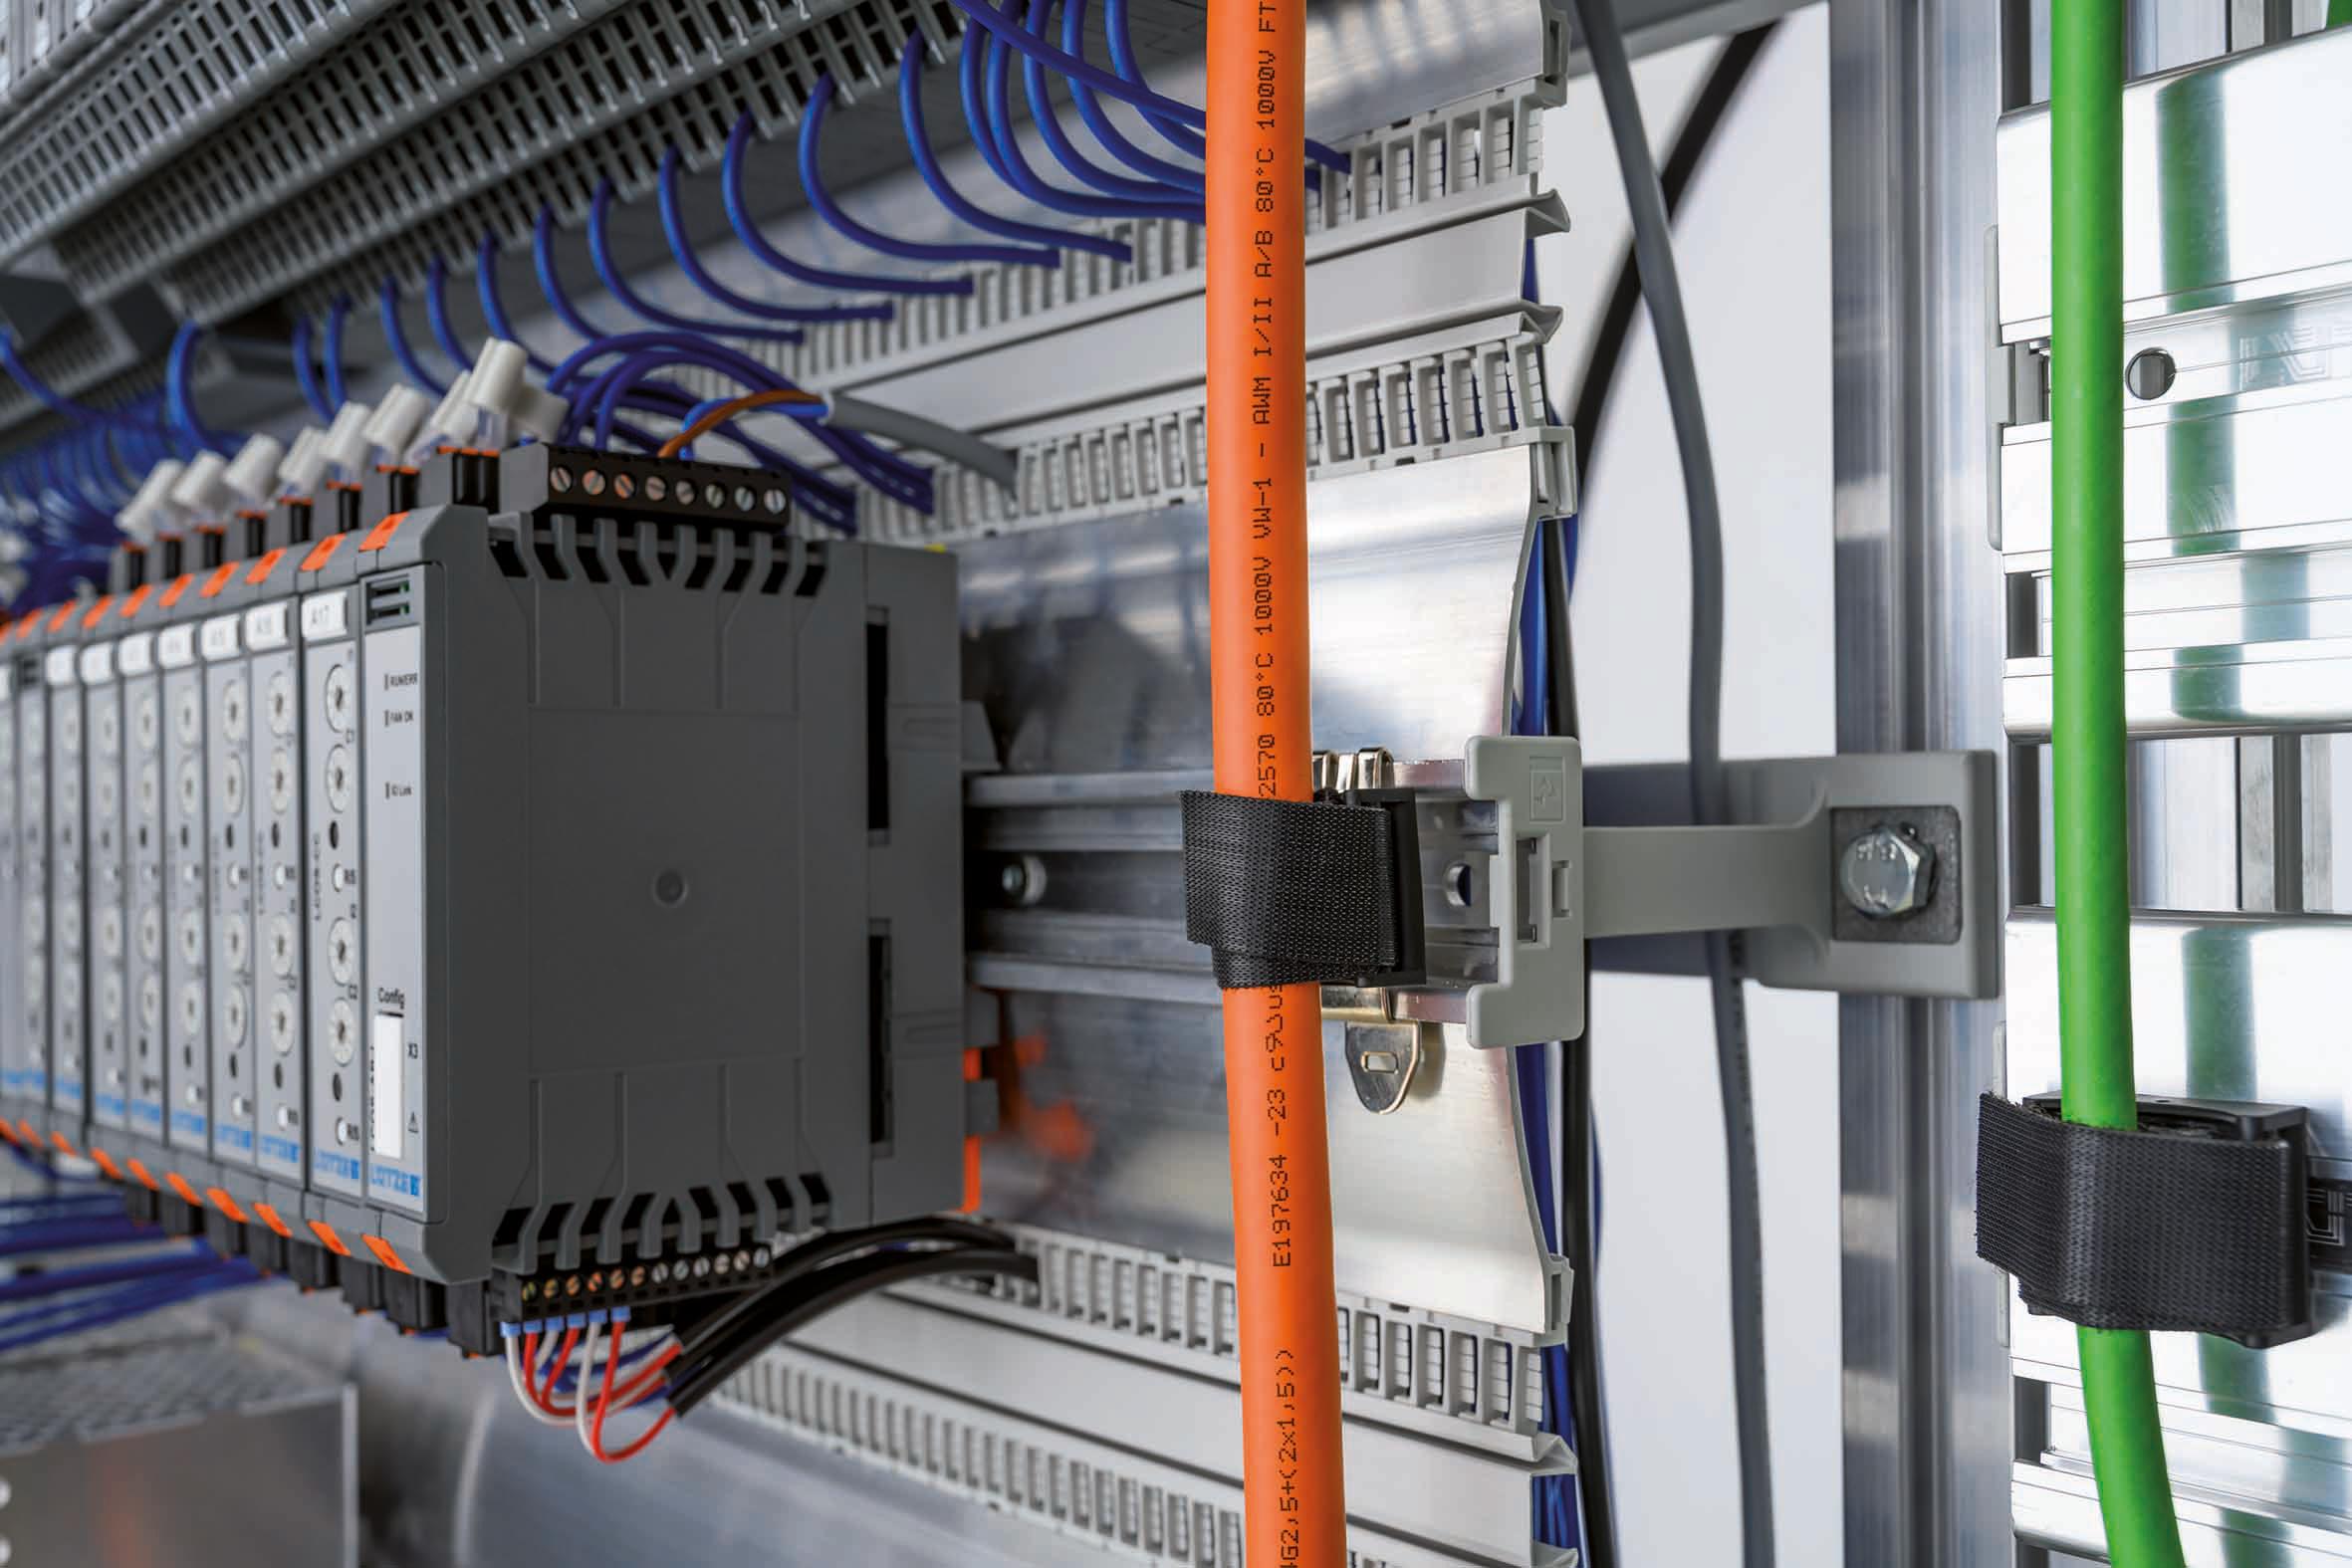 Klettbandsockel von Lütze zur vertikalen Leitungsverlegung über die Tragschiene oder Stegprofile. (Bild: Friedrich Lütze GmbH)